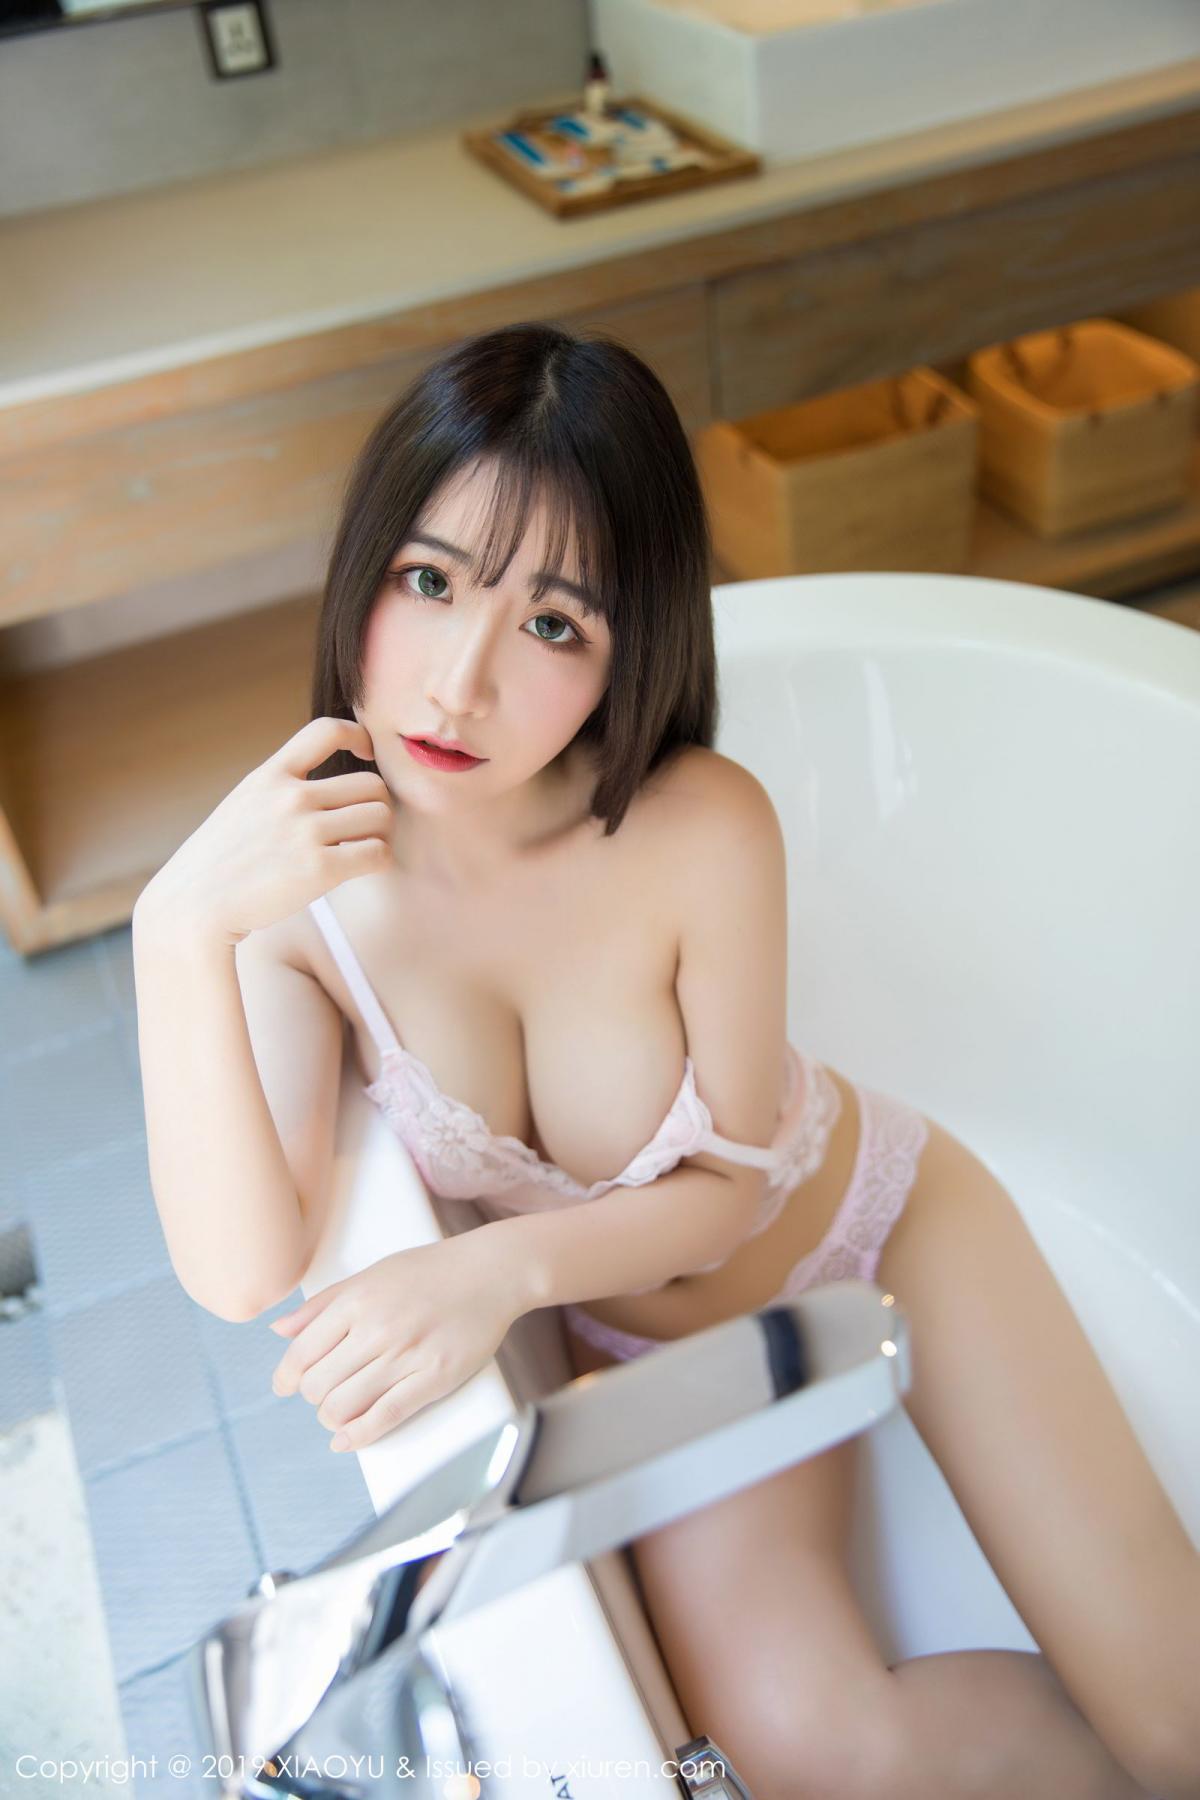 [XiaoYu] Vol.147 Xie Zhi Xin 46P, Bathroom, Big Booty, Wet, XiaoYu, Xie Zhi Xin